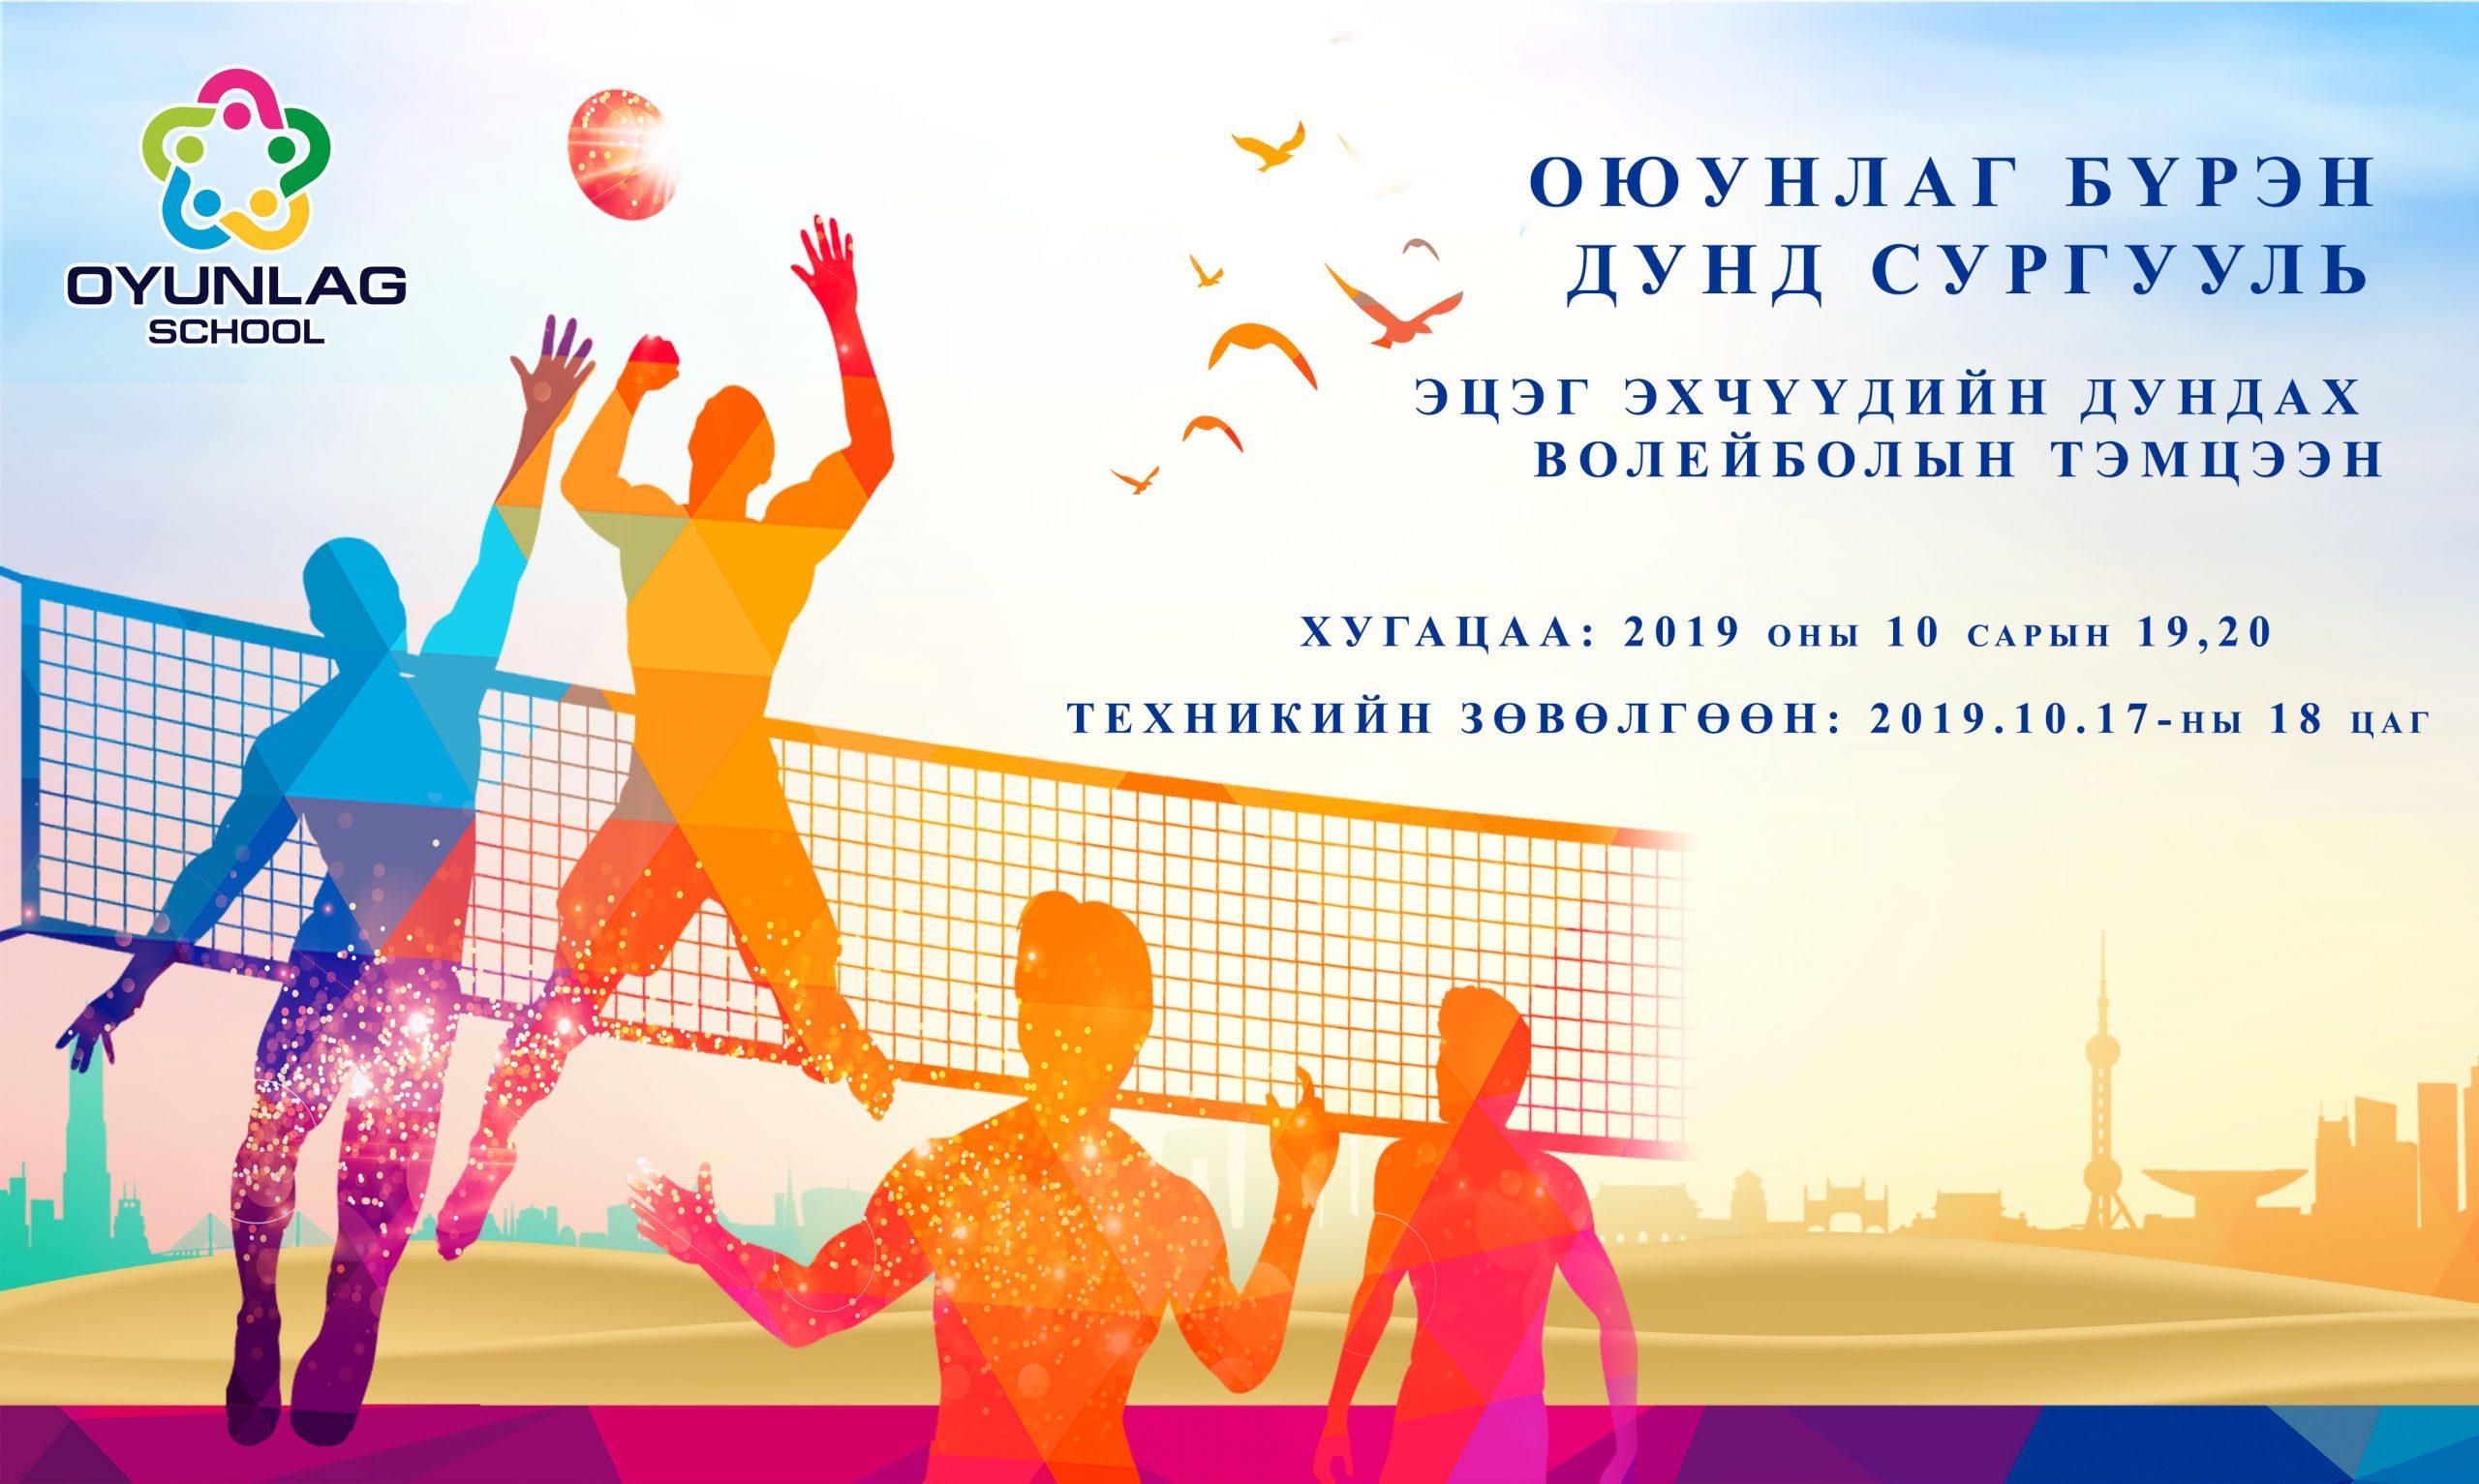 Эцэг эхчүүдийн волейболын тэмцээний тоглолтын хуваарь